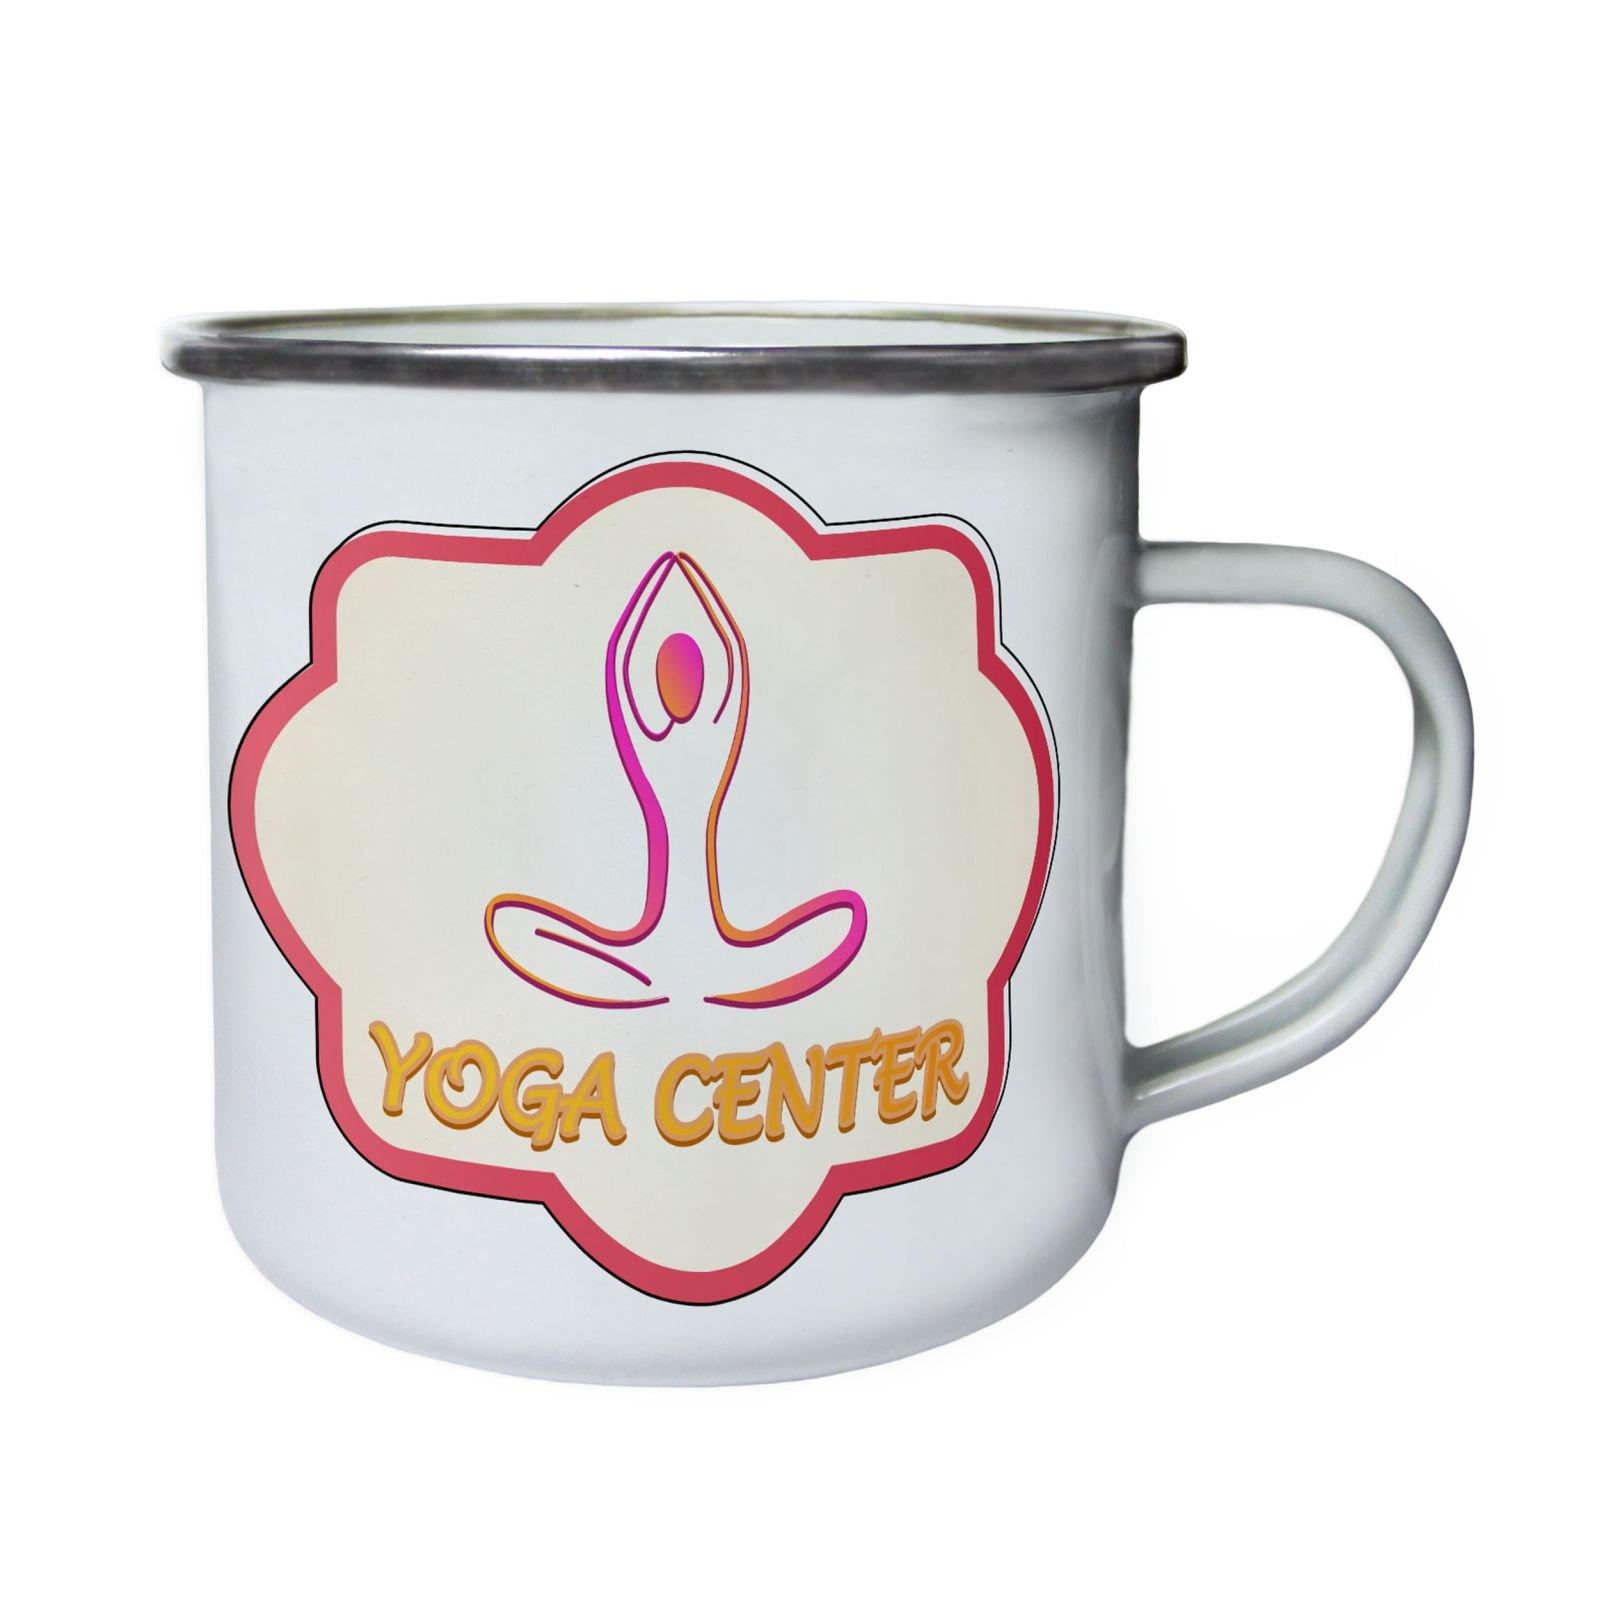 Yoga Center Beauty Spa Retro,Tin, Enamel 10oz Mug o690e